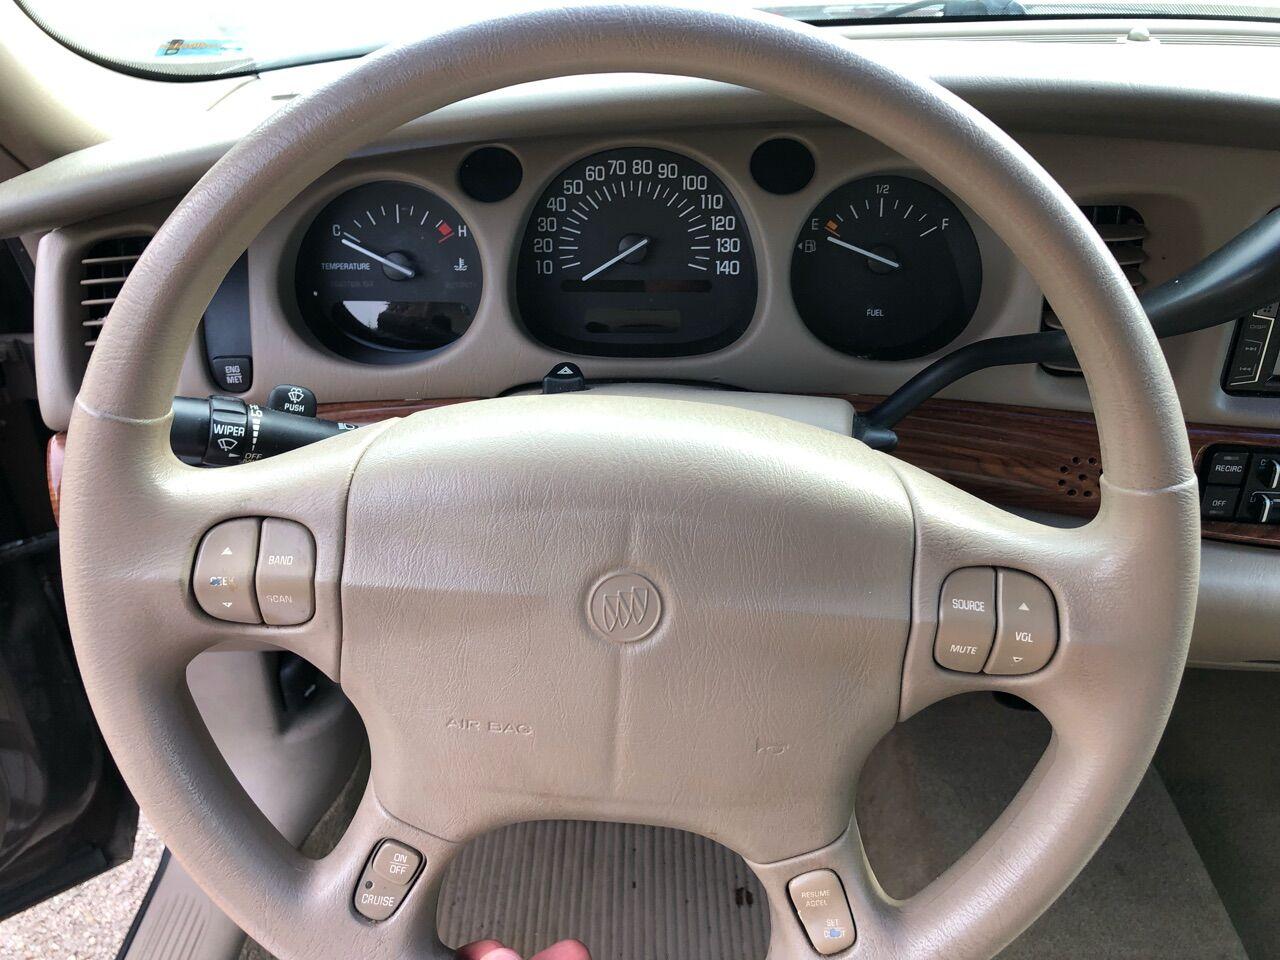 2003 Buick LeSabre 4dr Car